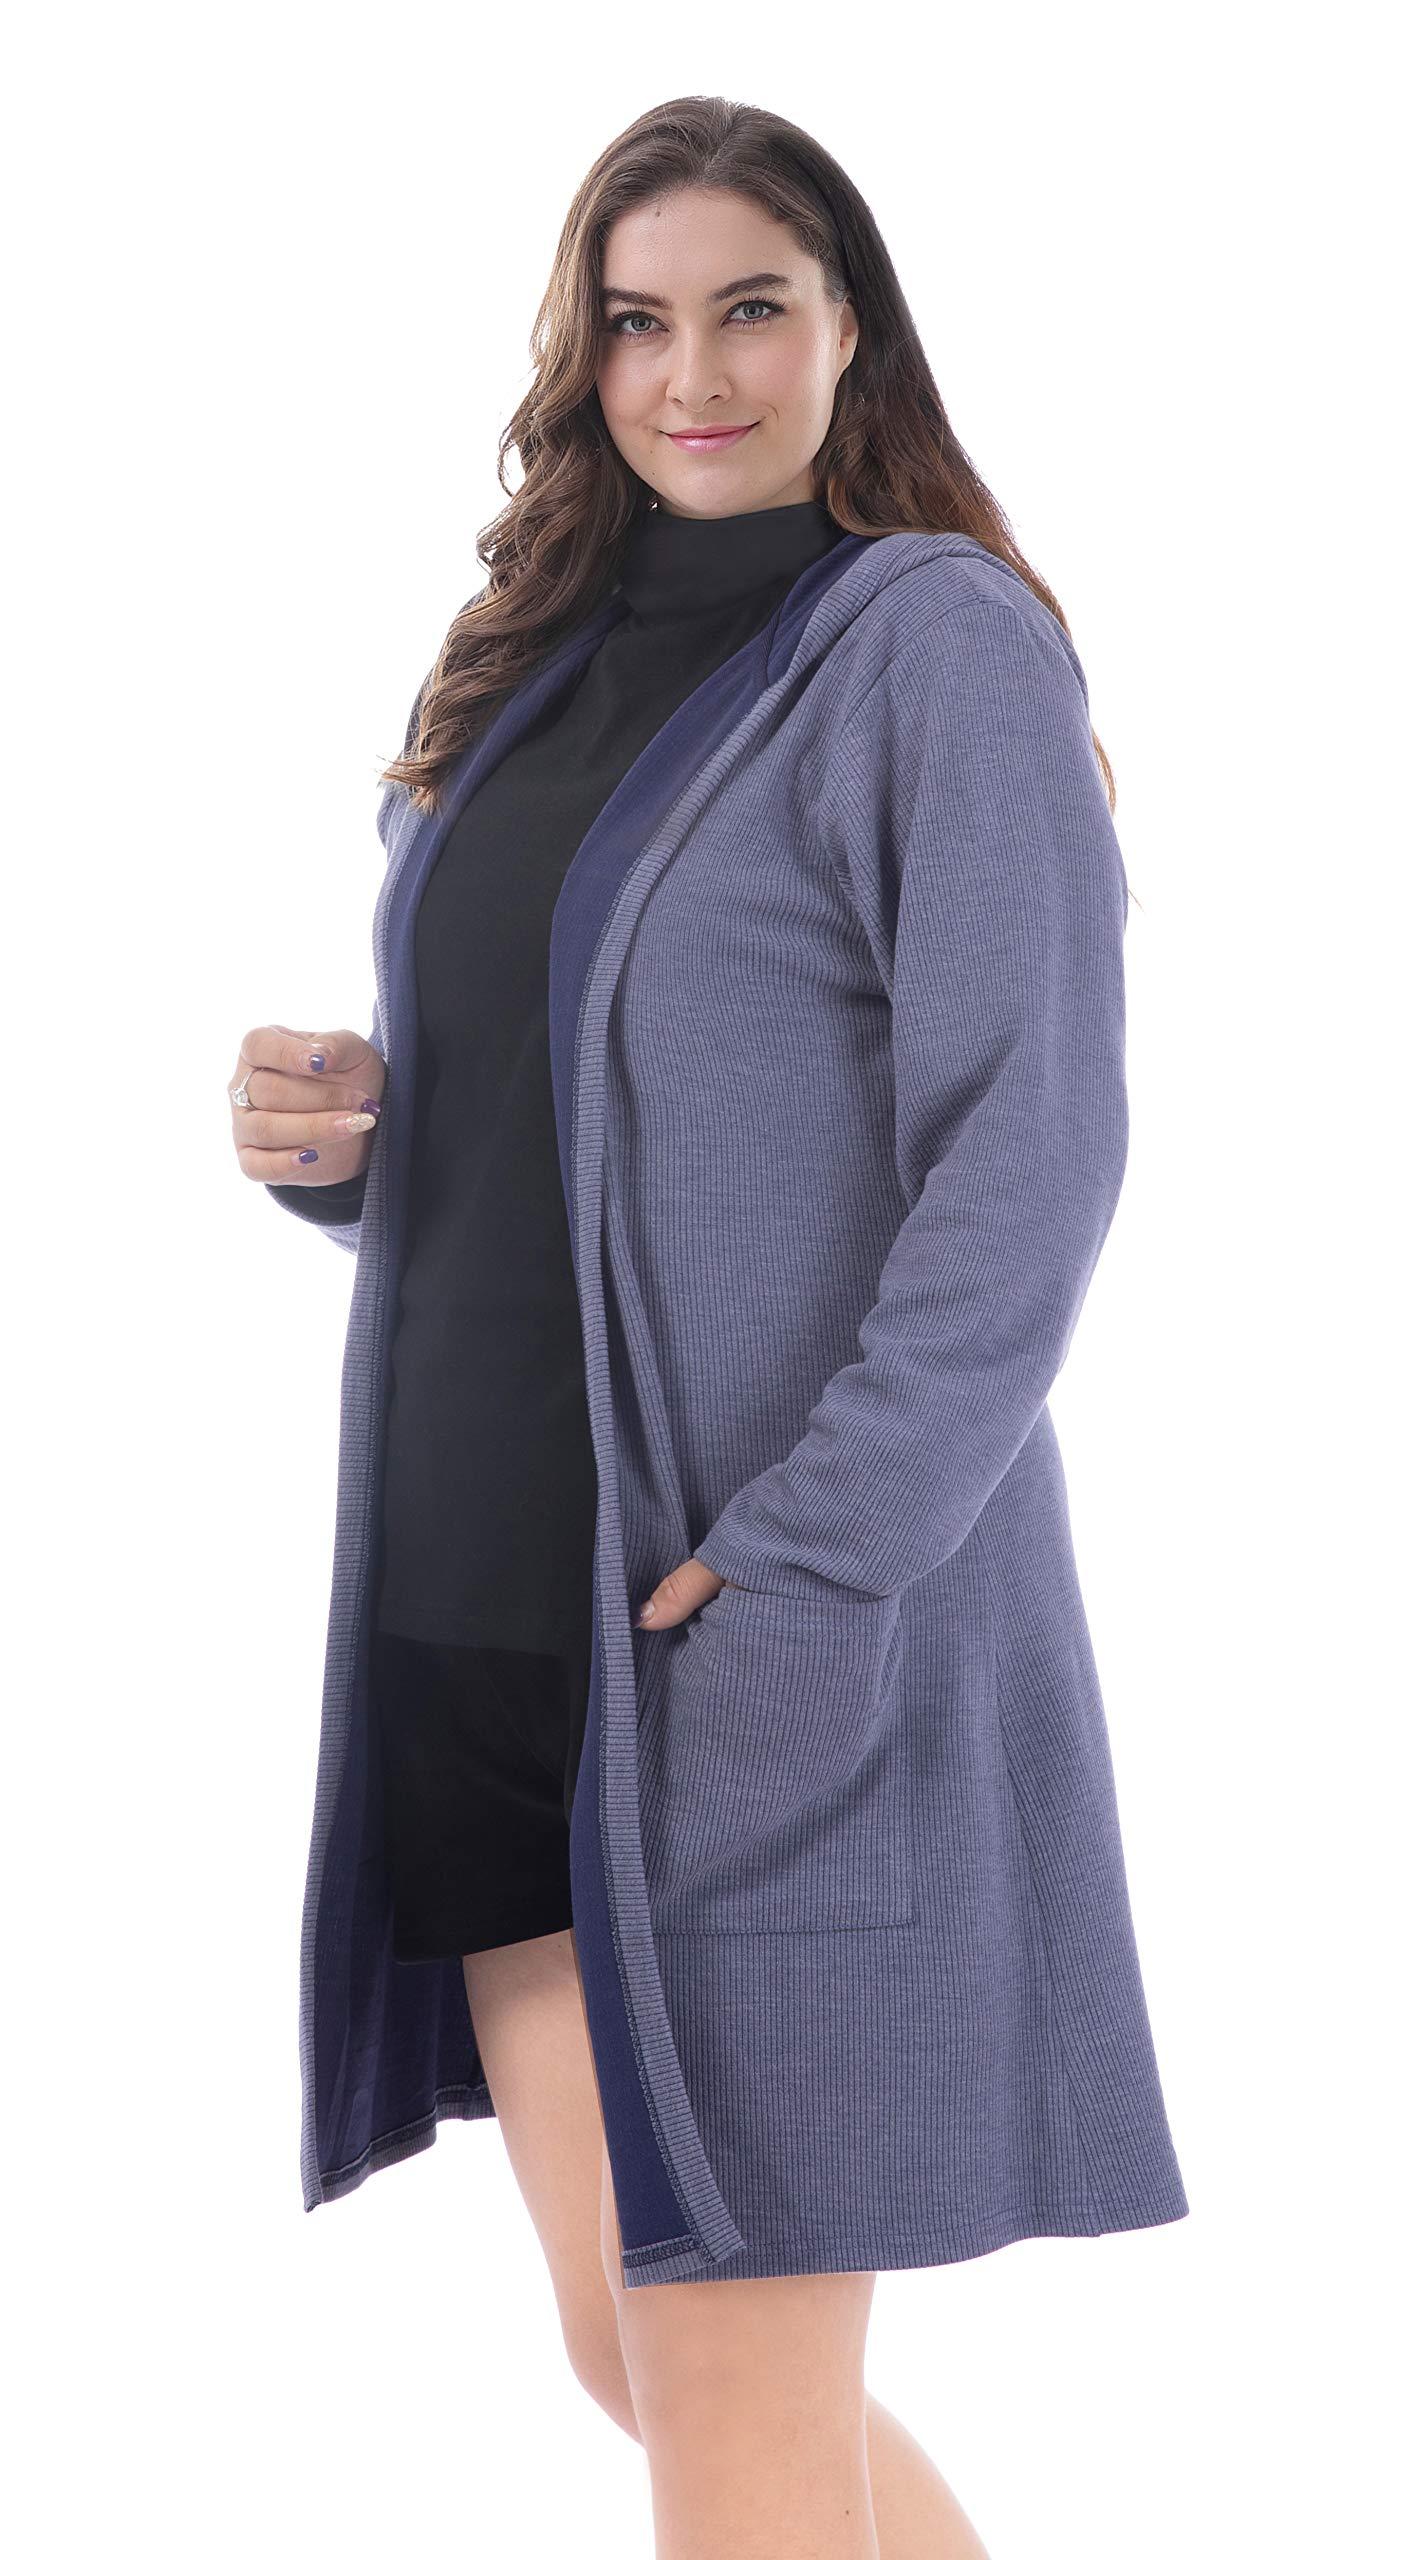 ZERDOCEAN Women's Plus Size Open Front Hoodie Cardigans Knit Outwear with Pockets